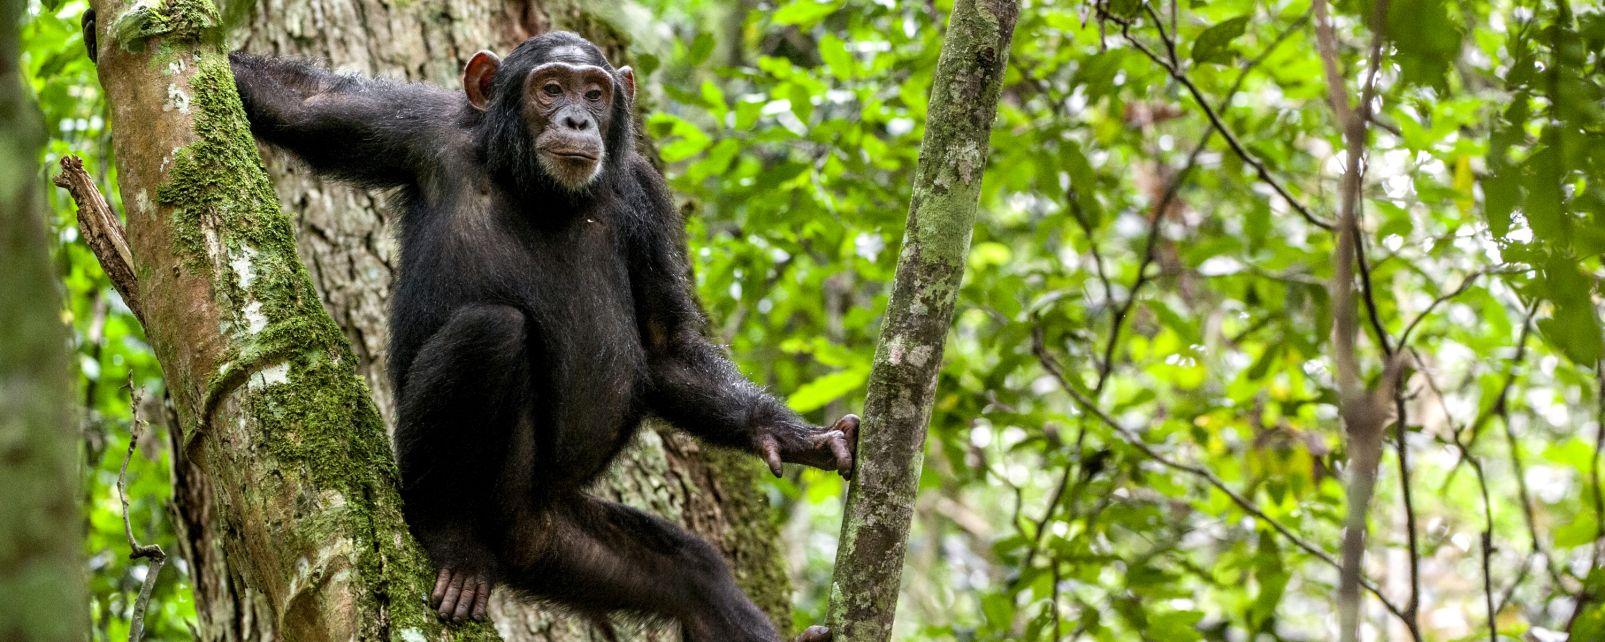 safari-in-uganda-kibale-forest-national-park_02